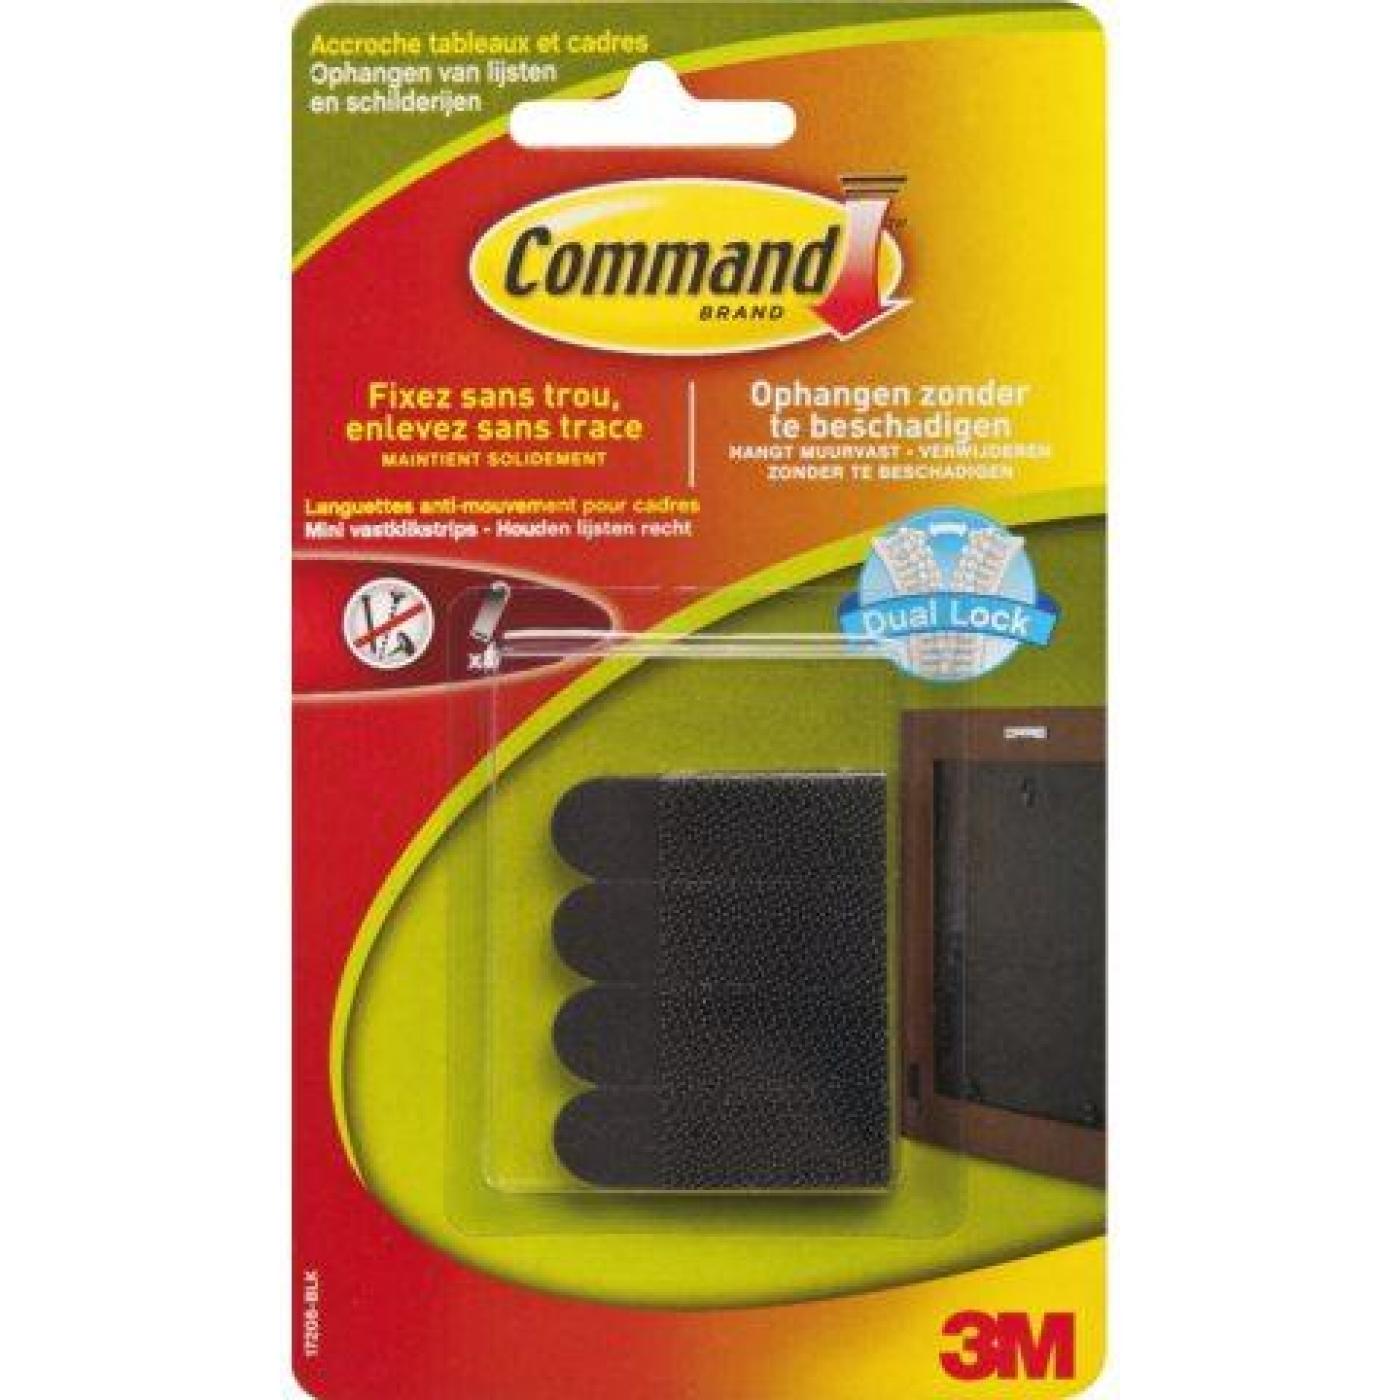 Par (command)